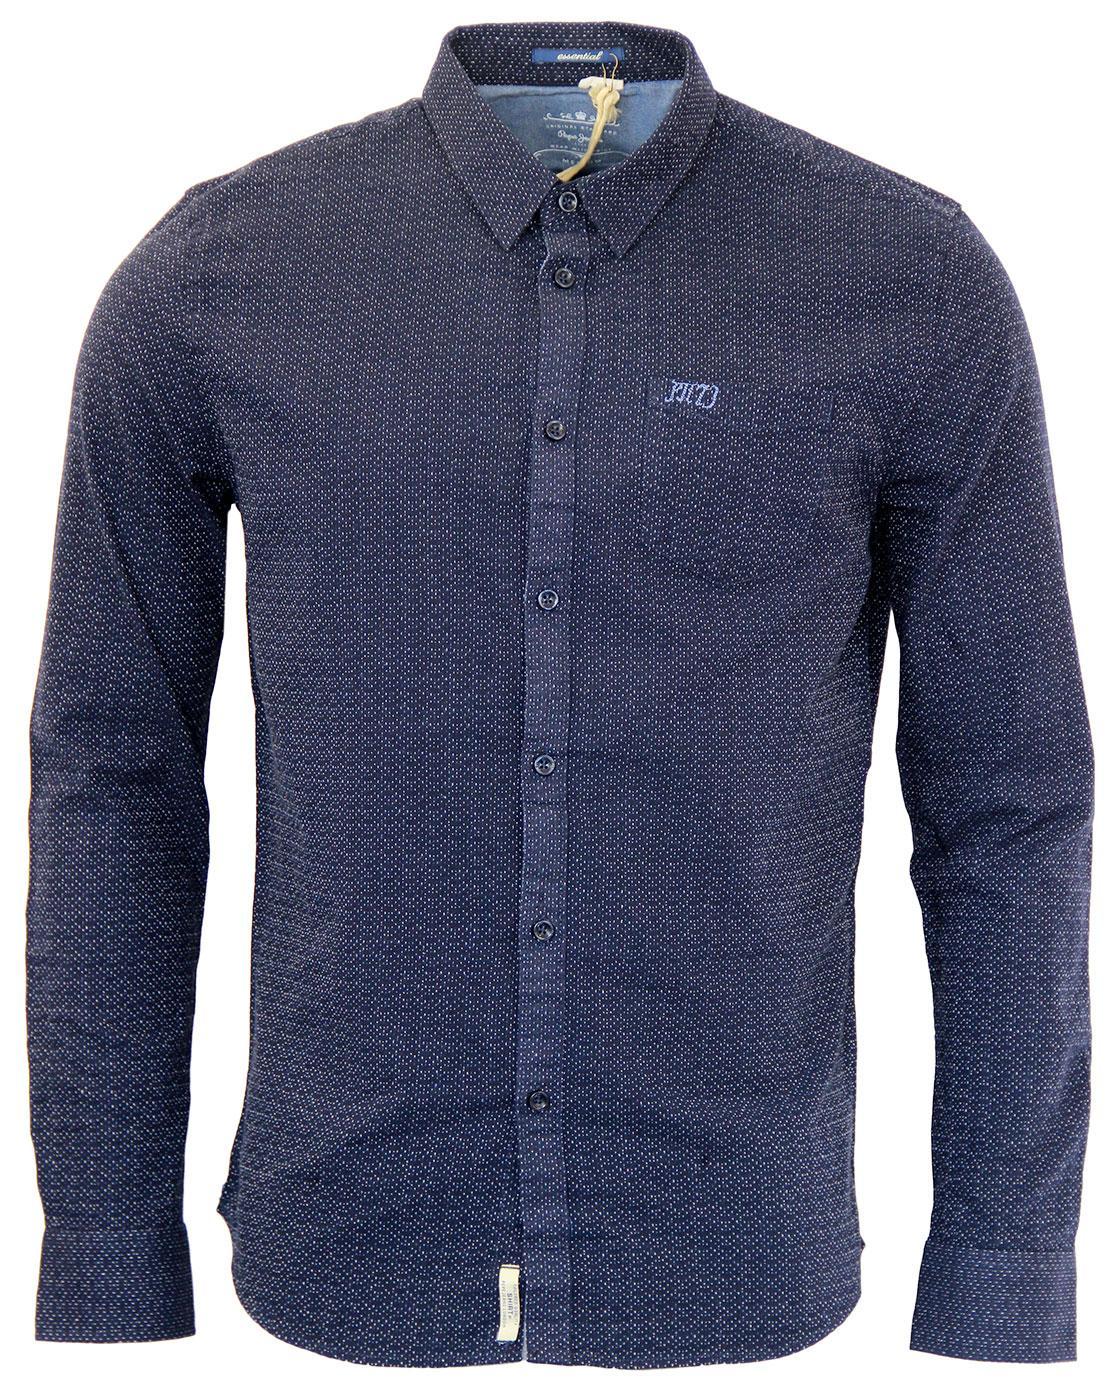 8d13a3f947759c PEPE JEANS Lane Retro Indie Mod Jacqaurd Micro Dash Shirt in Blue